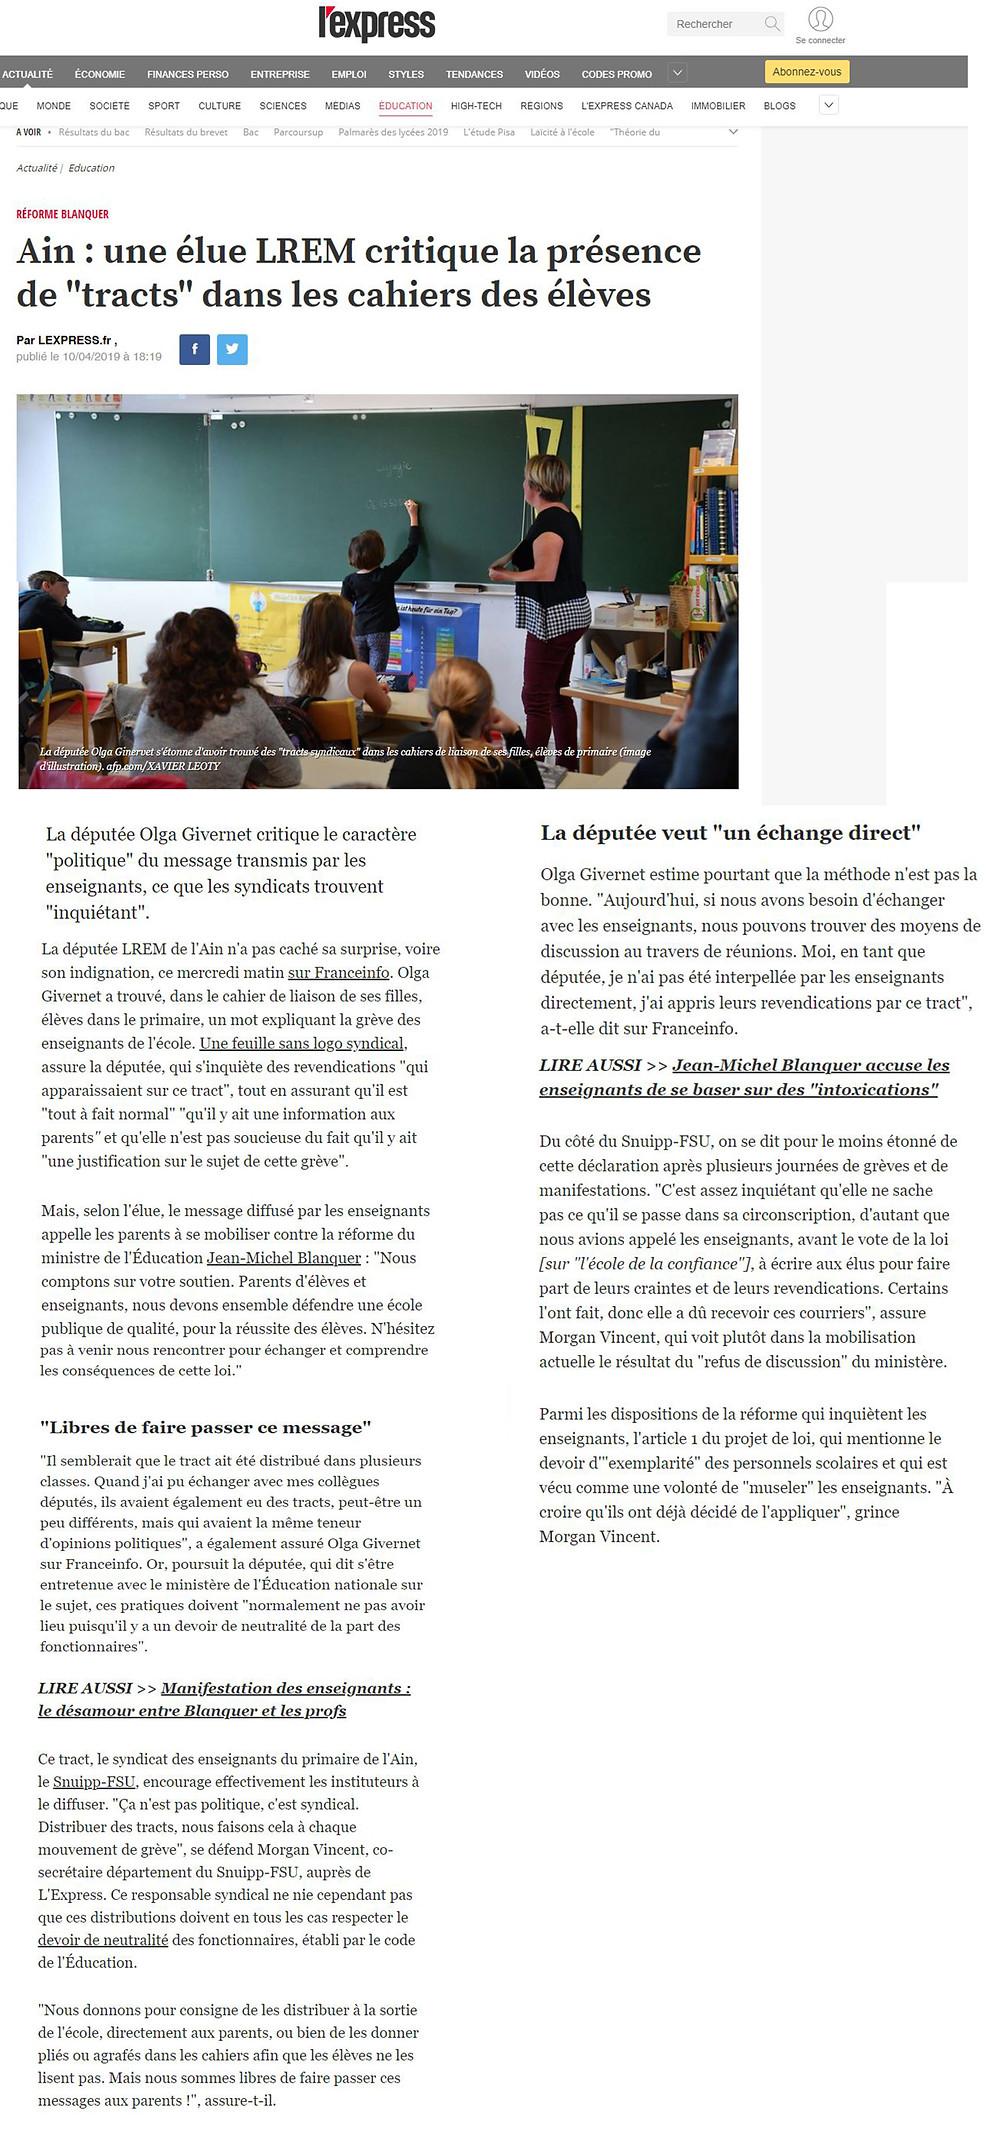 Article L'express